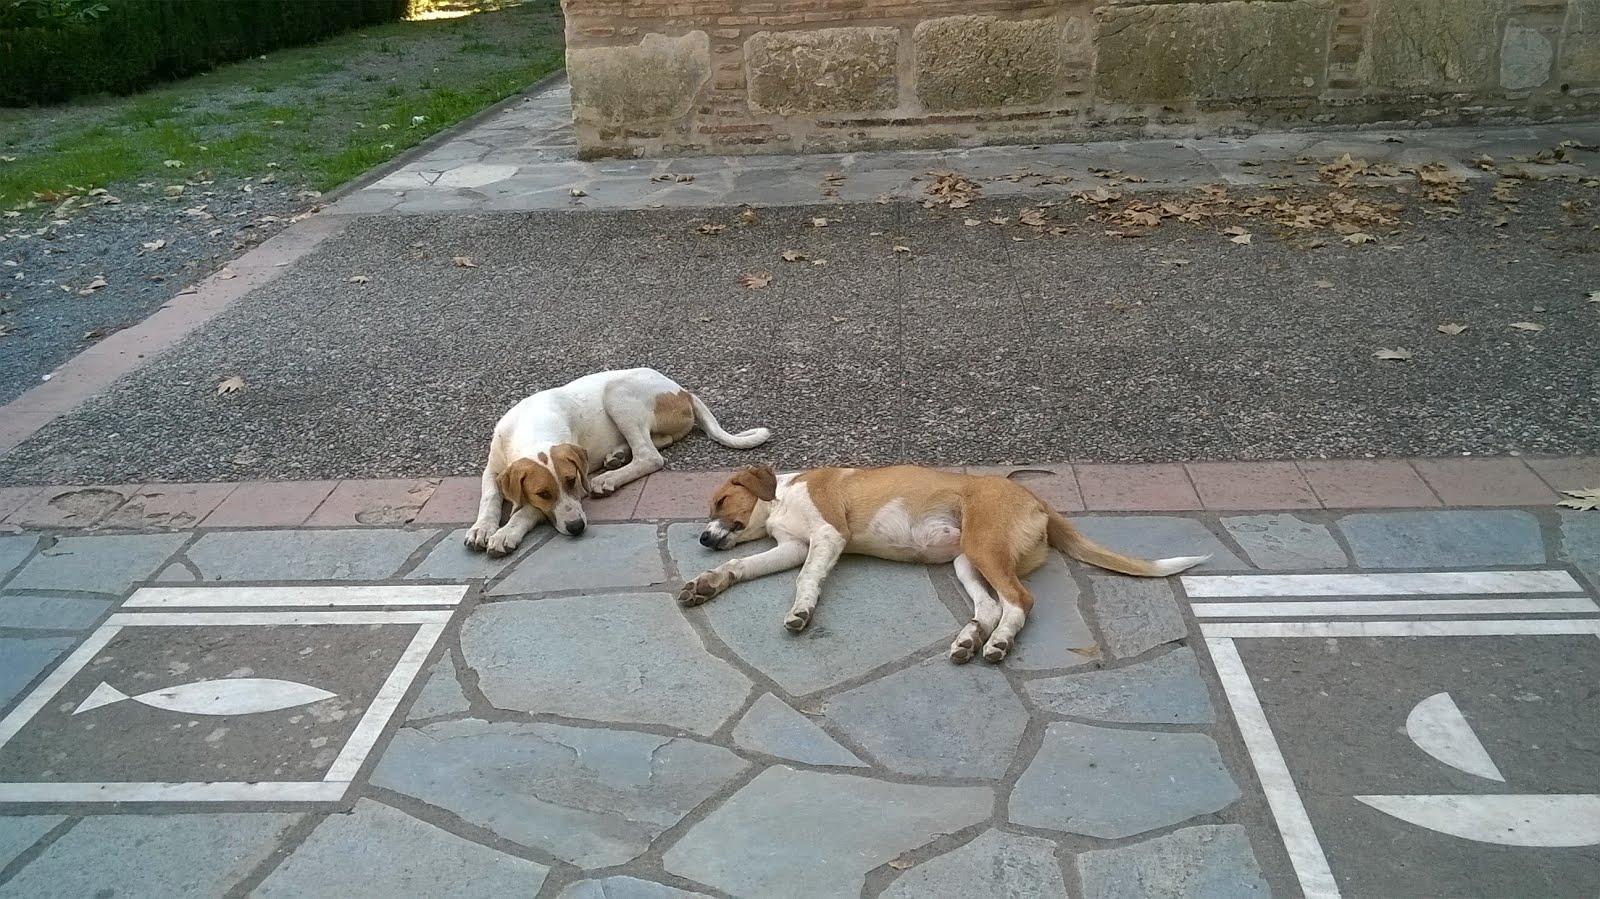 Τα  ζώα δεν επέλεξαν να ζούνε στο δρόμο και  να «ενοχλούν» την καθημερινότητα μας